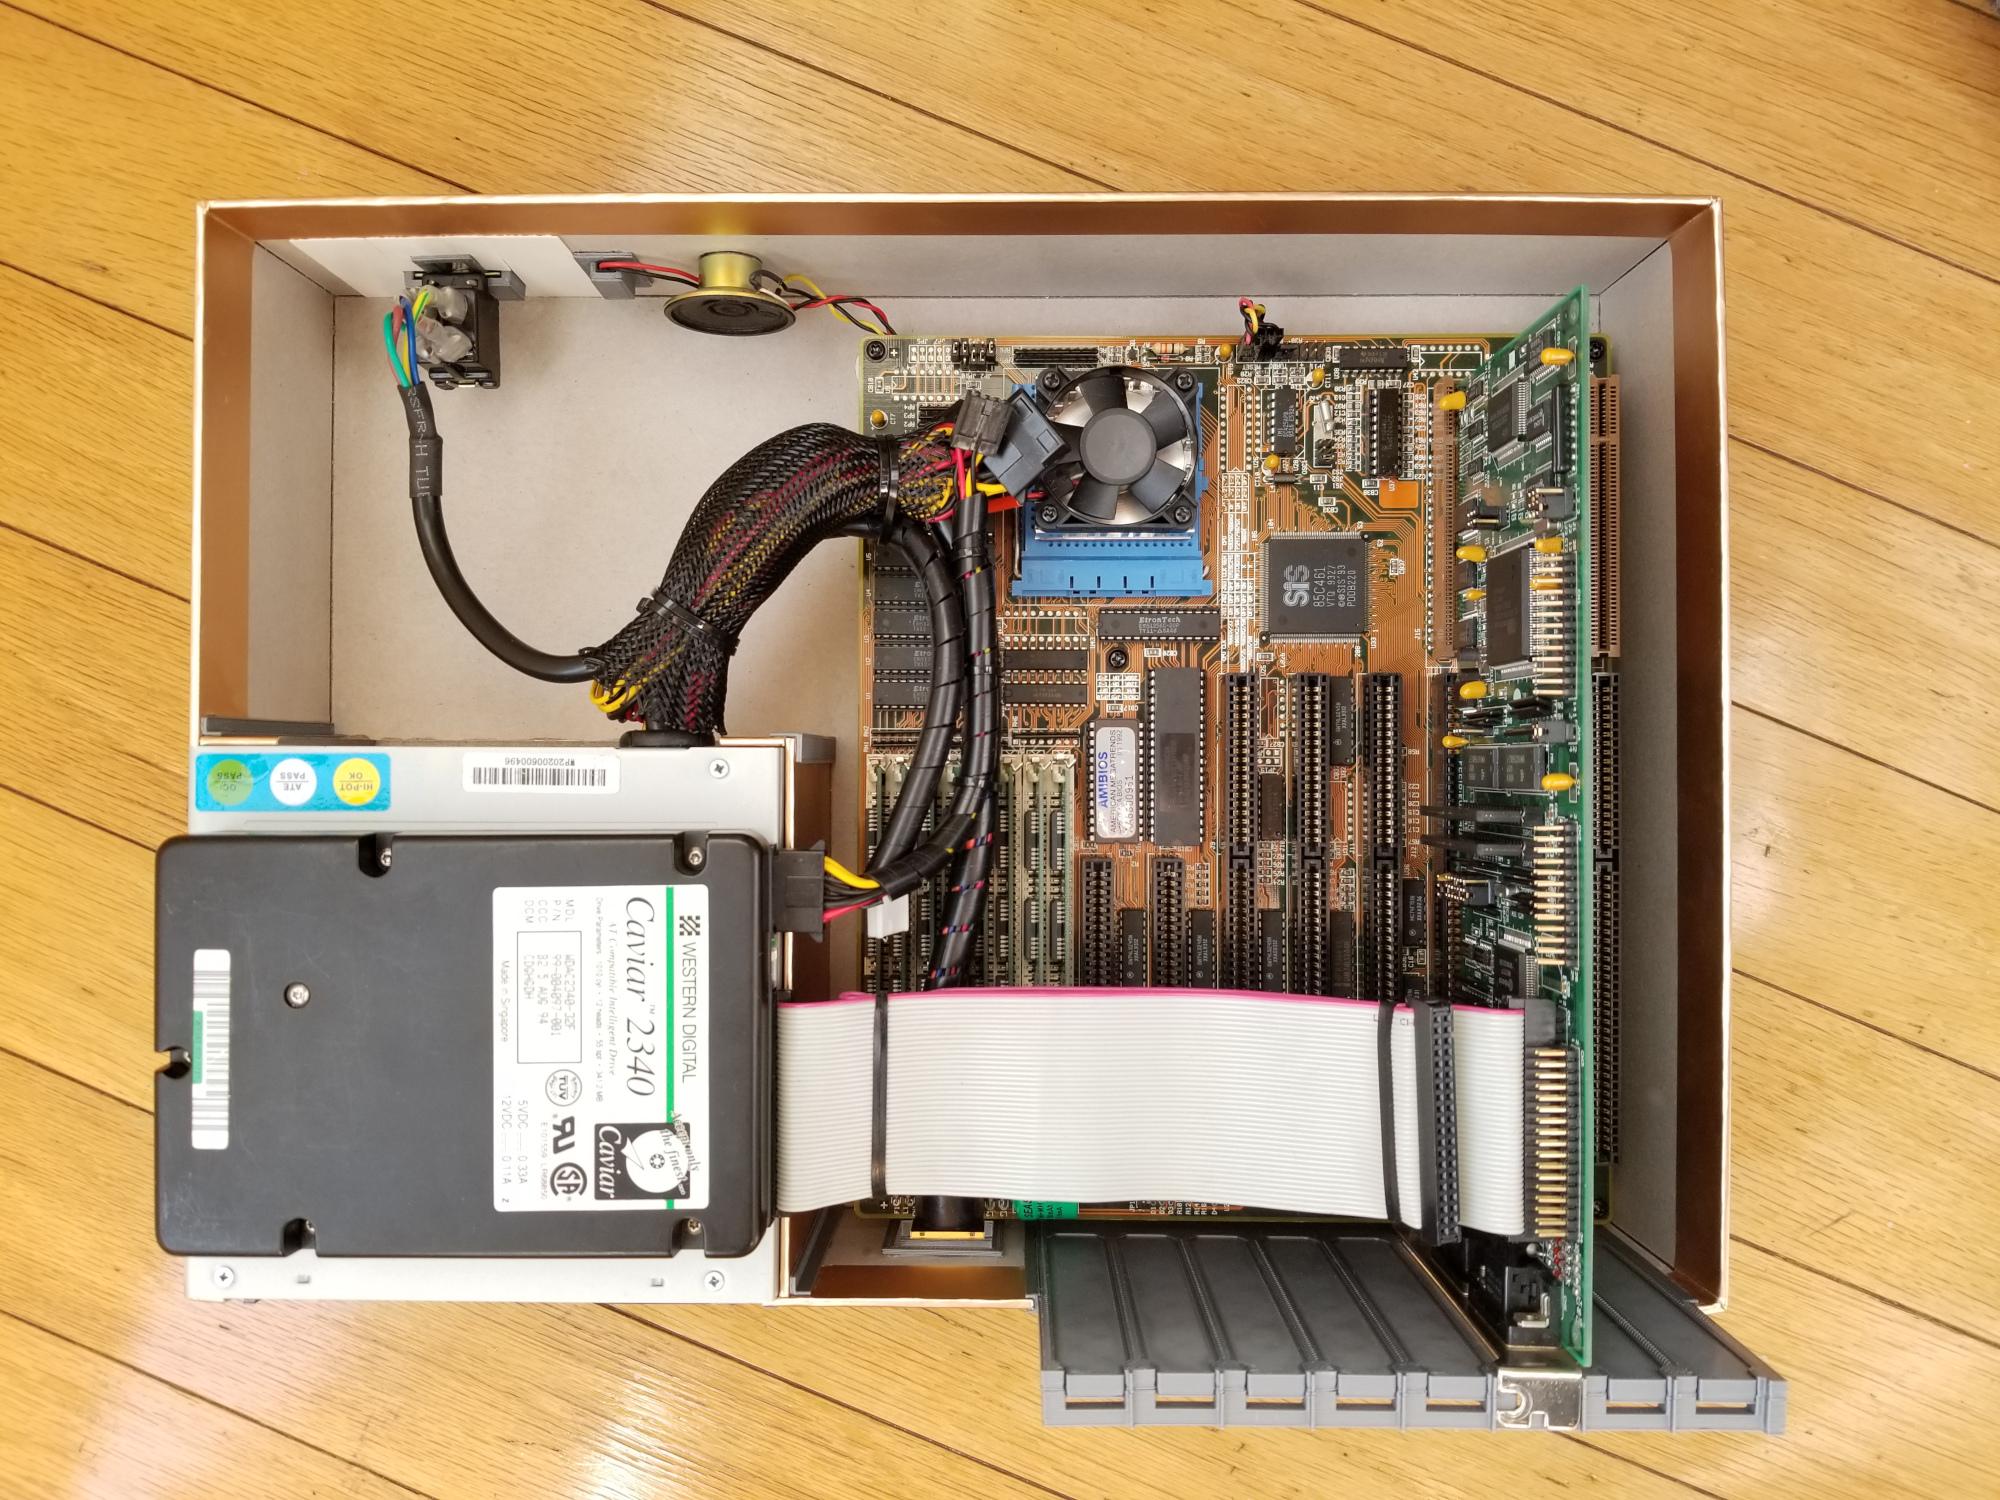 cardboard_case_11.jpg